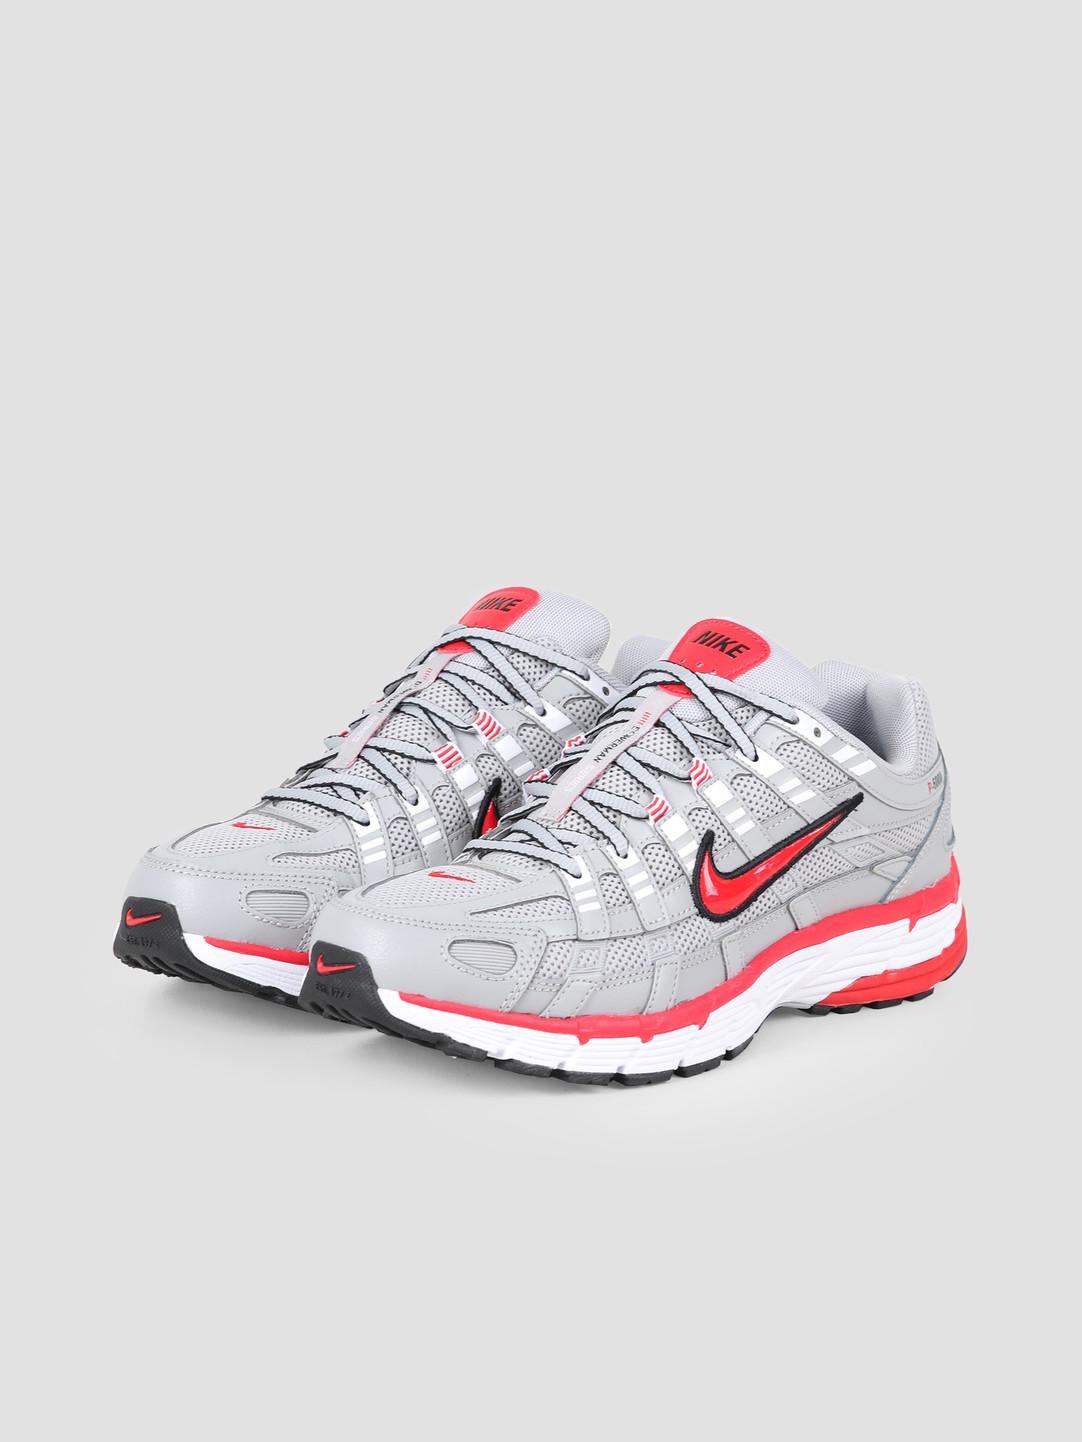 Nike Nike P 6000 Flt Silver Flt Silver University Red CD6404-001